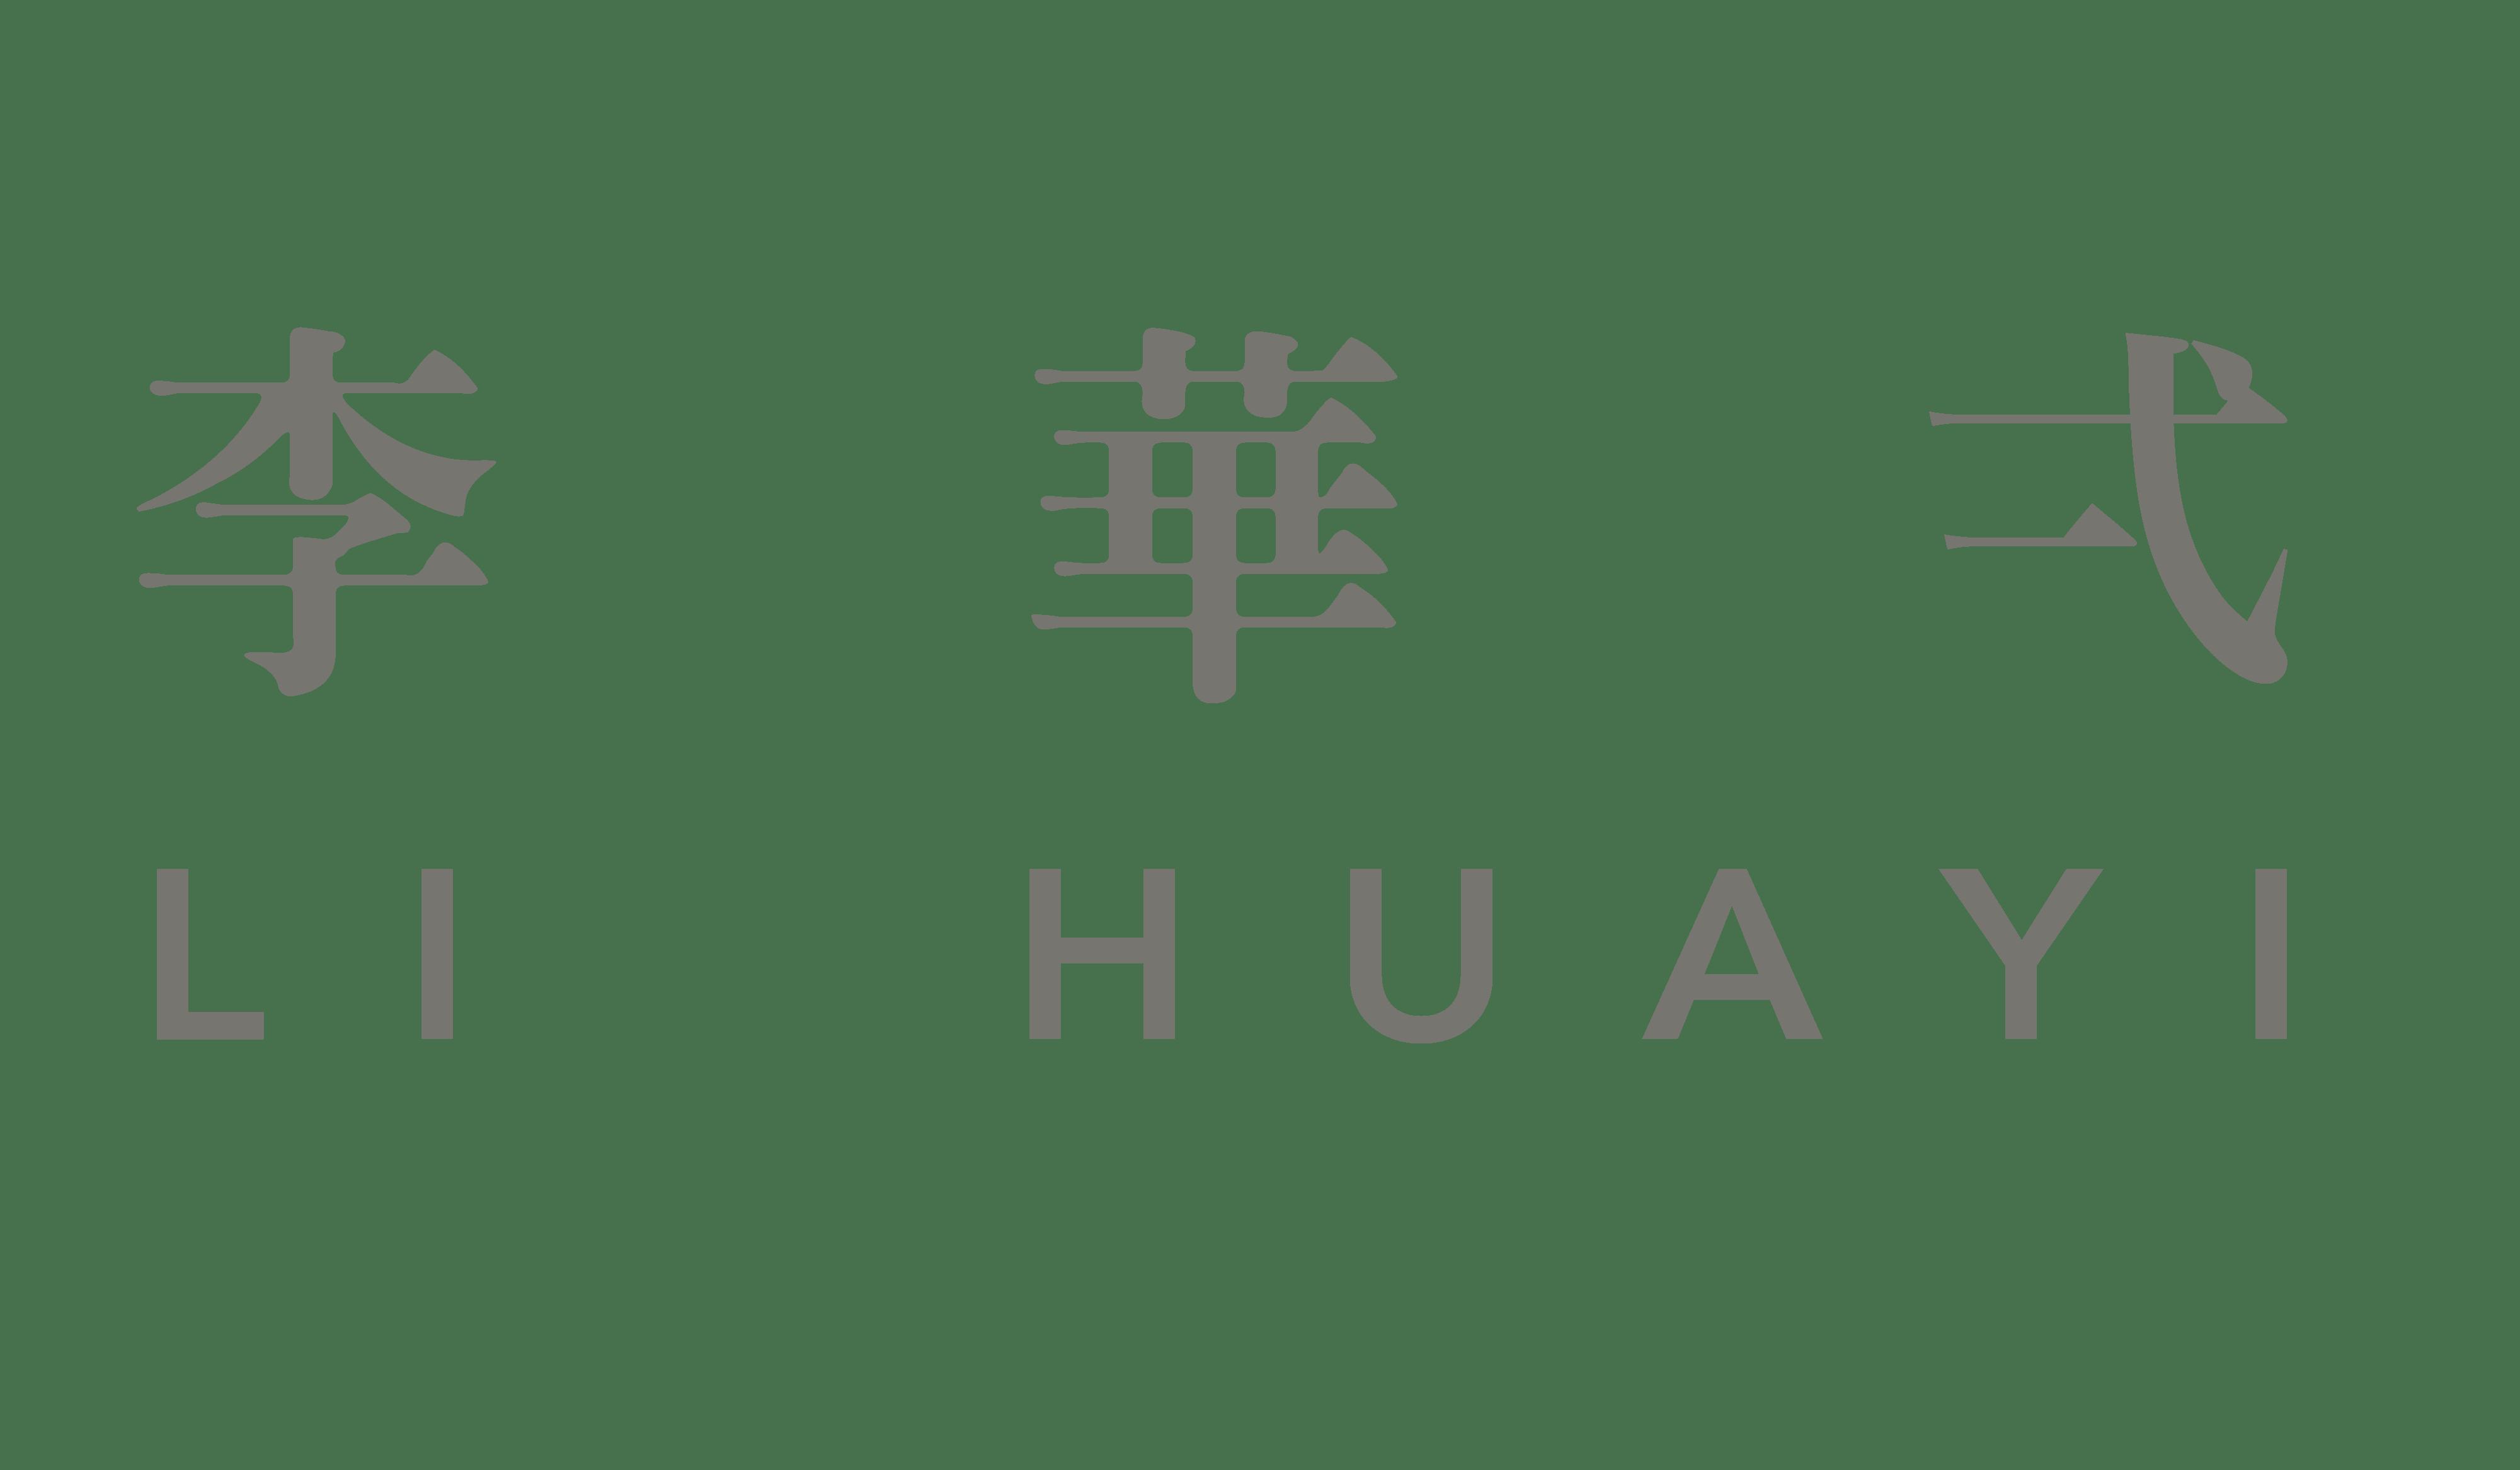 Li Huayi company logo